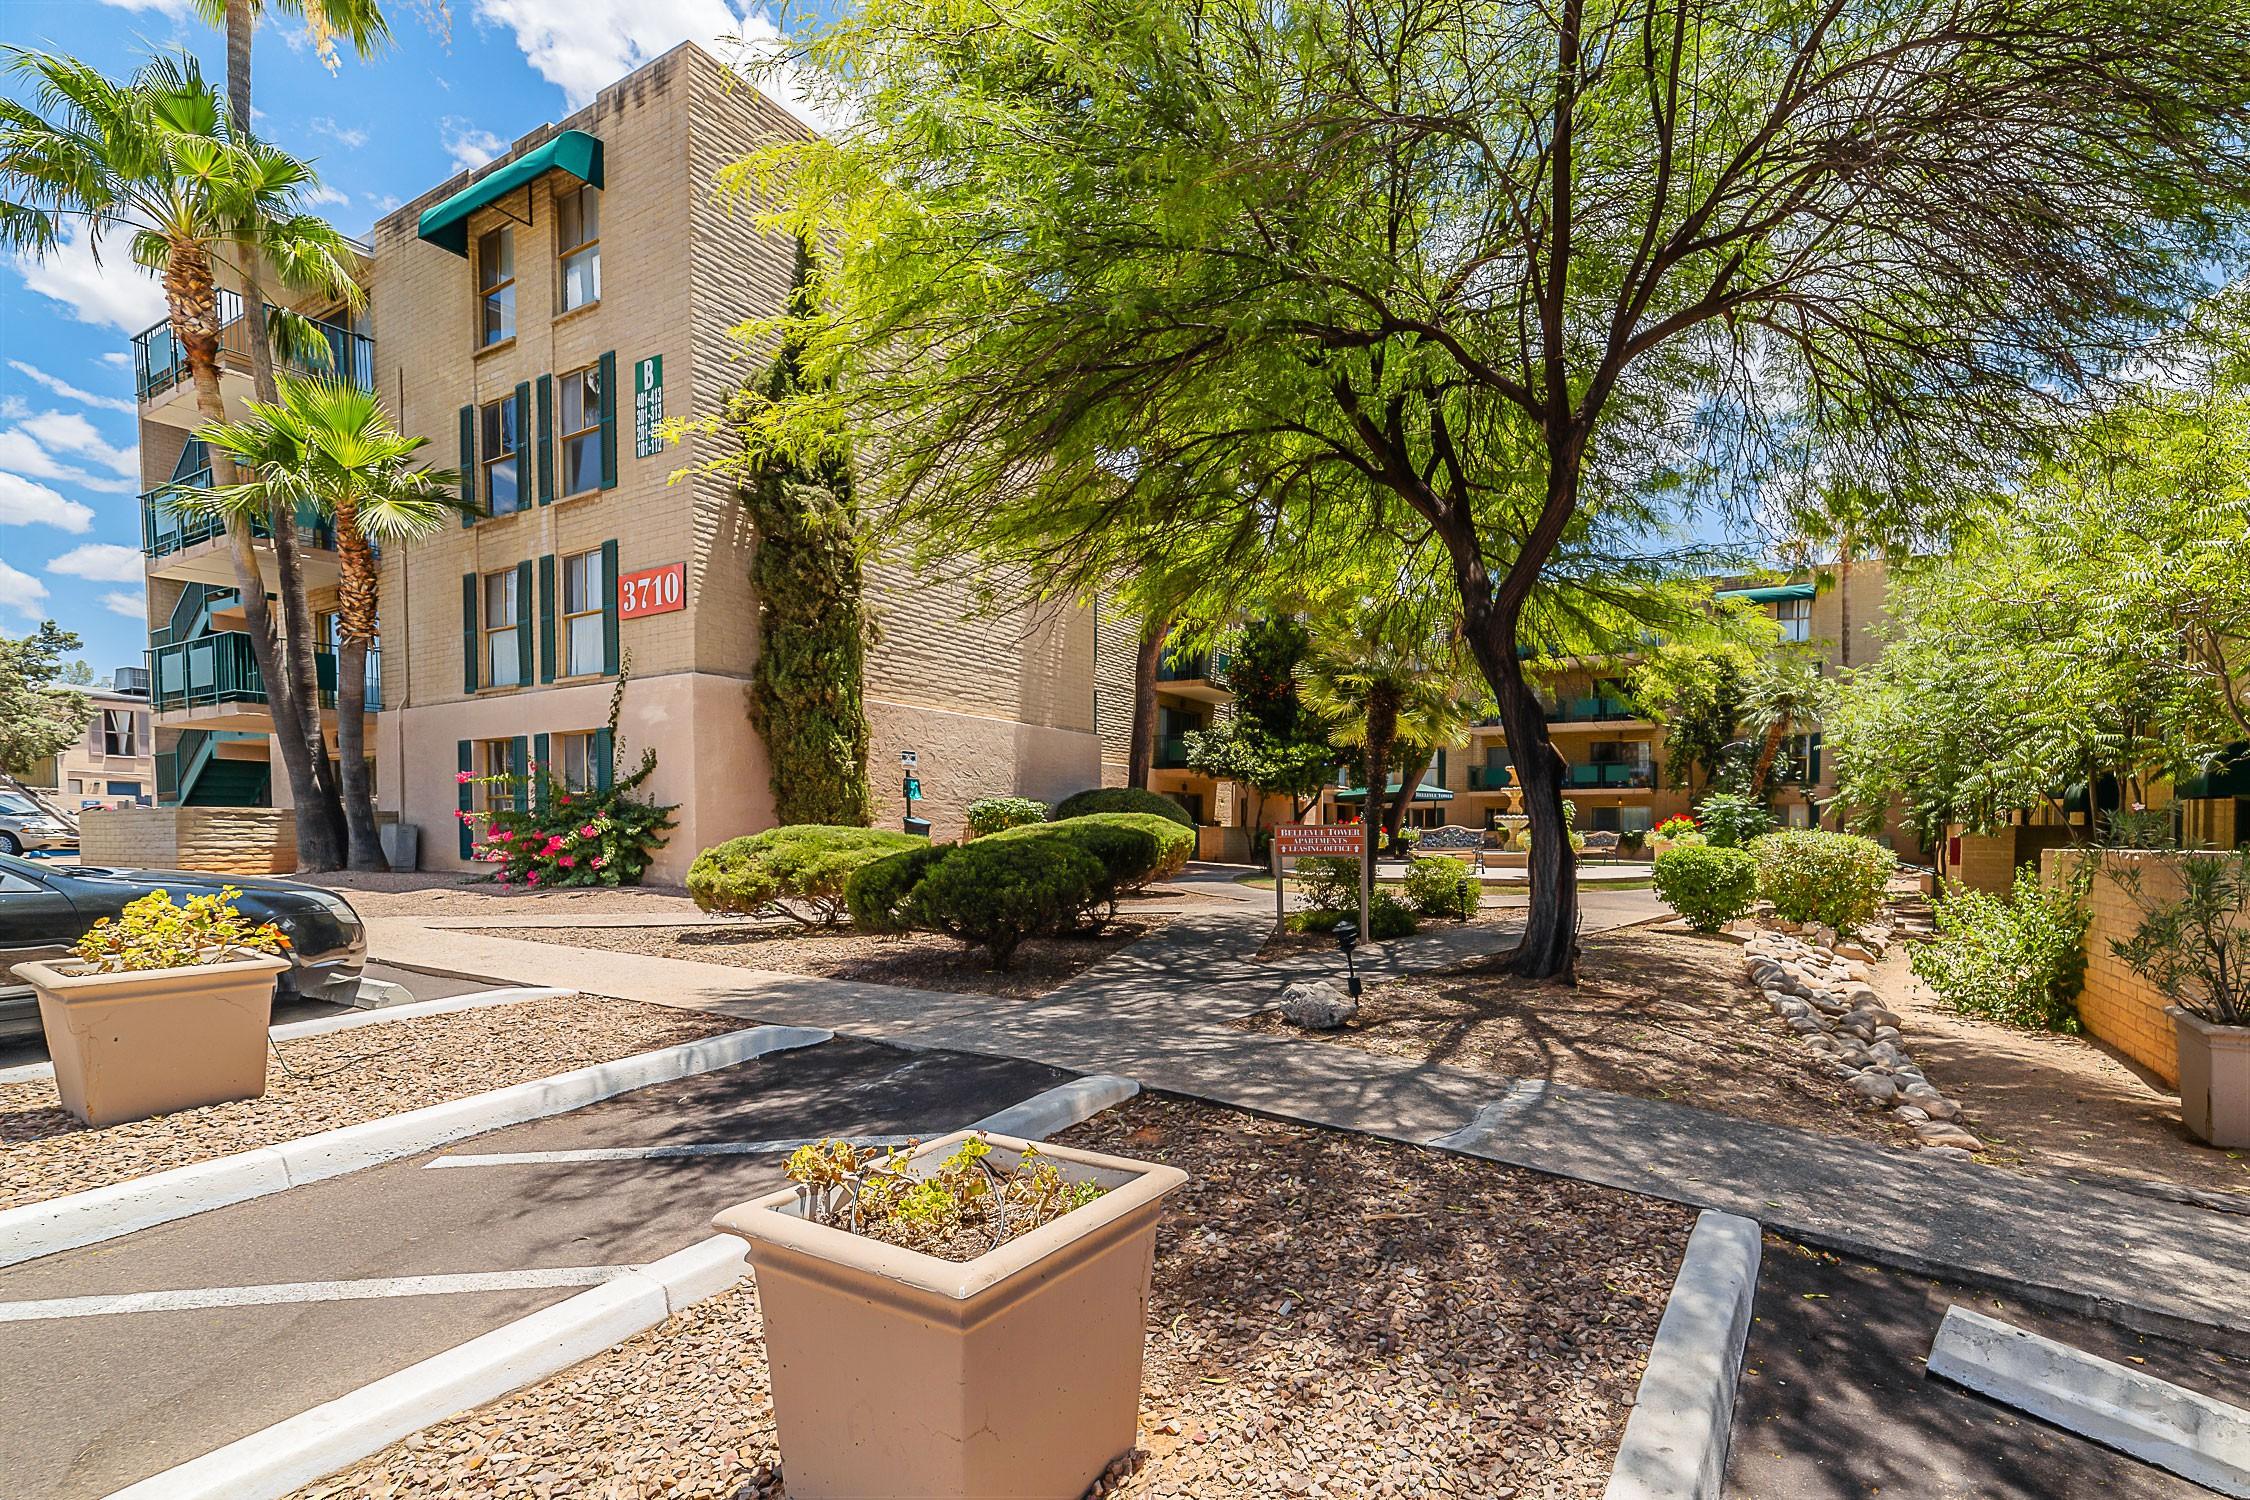 Apartments Near University of Arizona Bellevue Towers for University of Arizona Students in Tucson, AZ